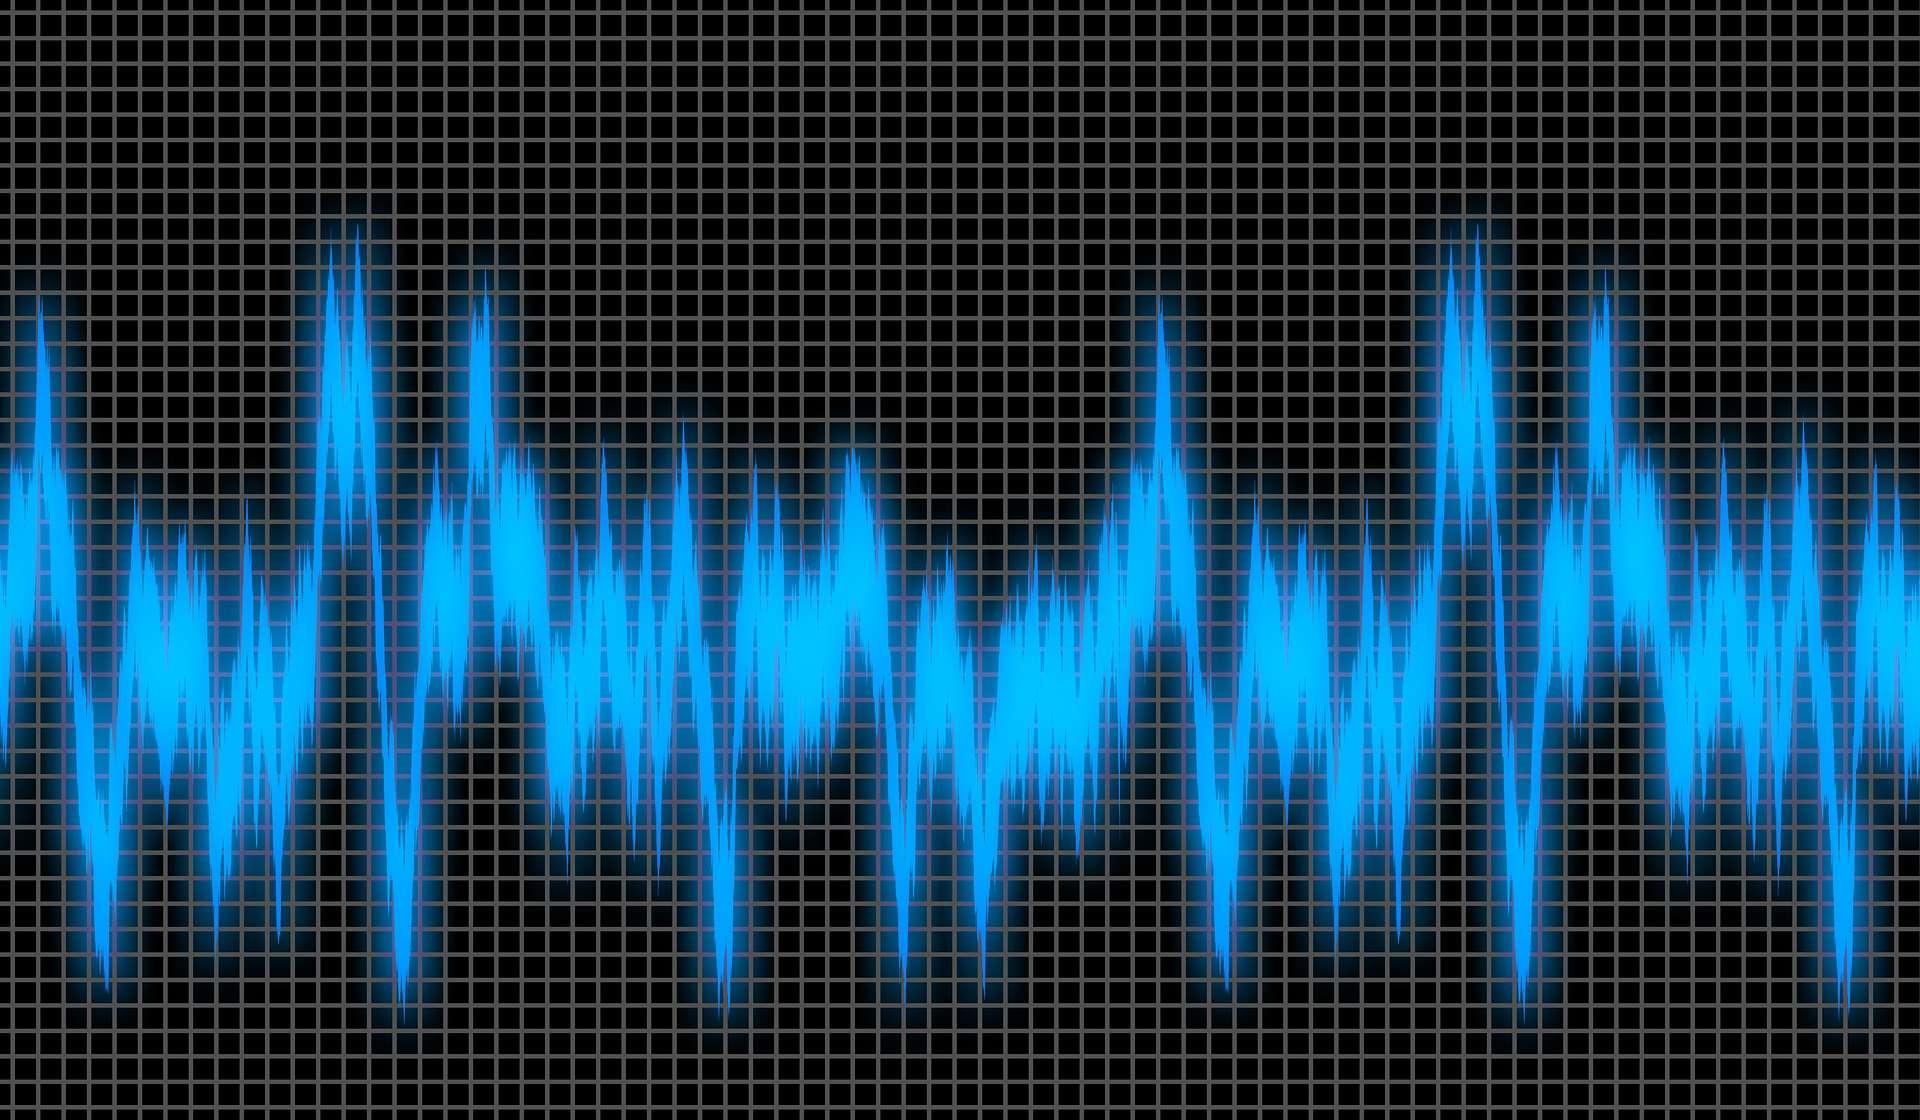 sound-wave-3870974_1920